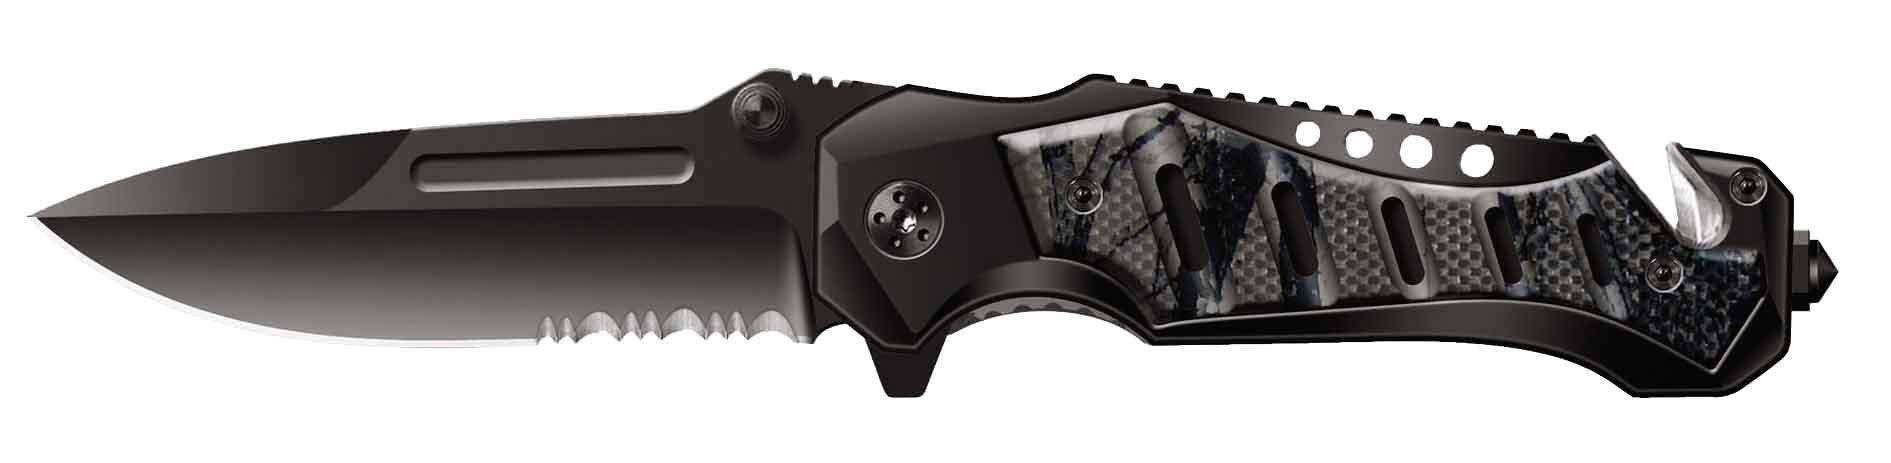 Нож складной Stinger SA-583W, сталь 420, алюминий нож складной stinger sa 435b сталь 420 алюминий